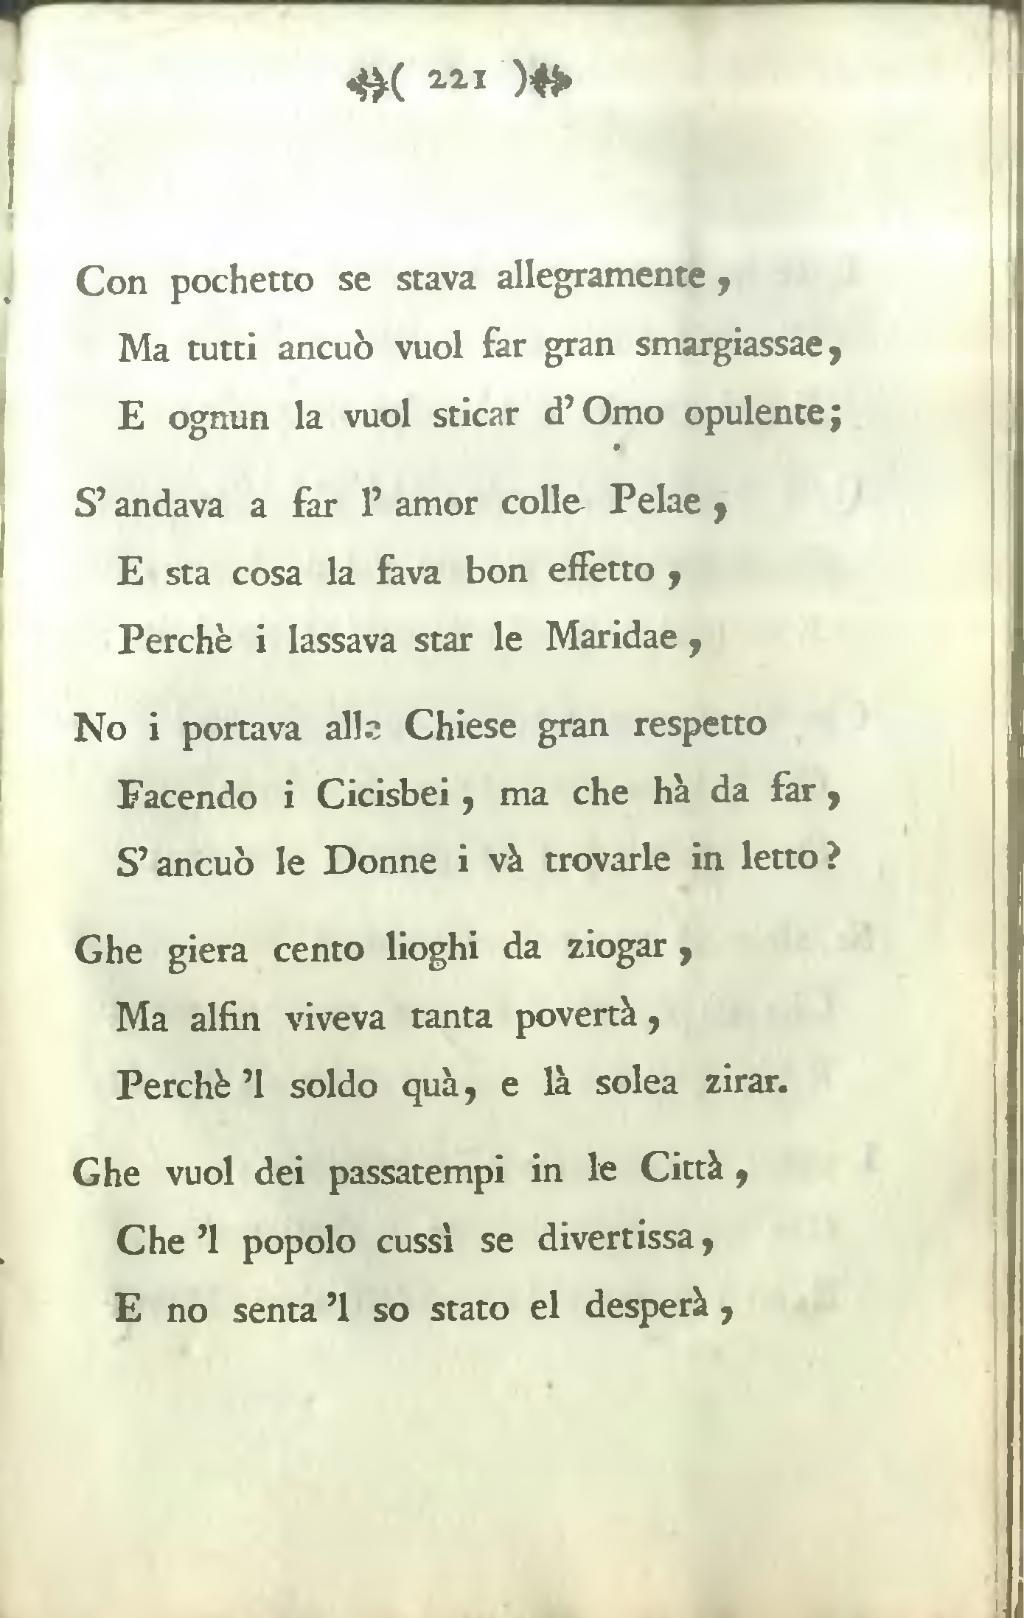 Pagina raccolta universale delle opere di giorgio baffo 3 - Cosa piace alle donne a letto ...